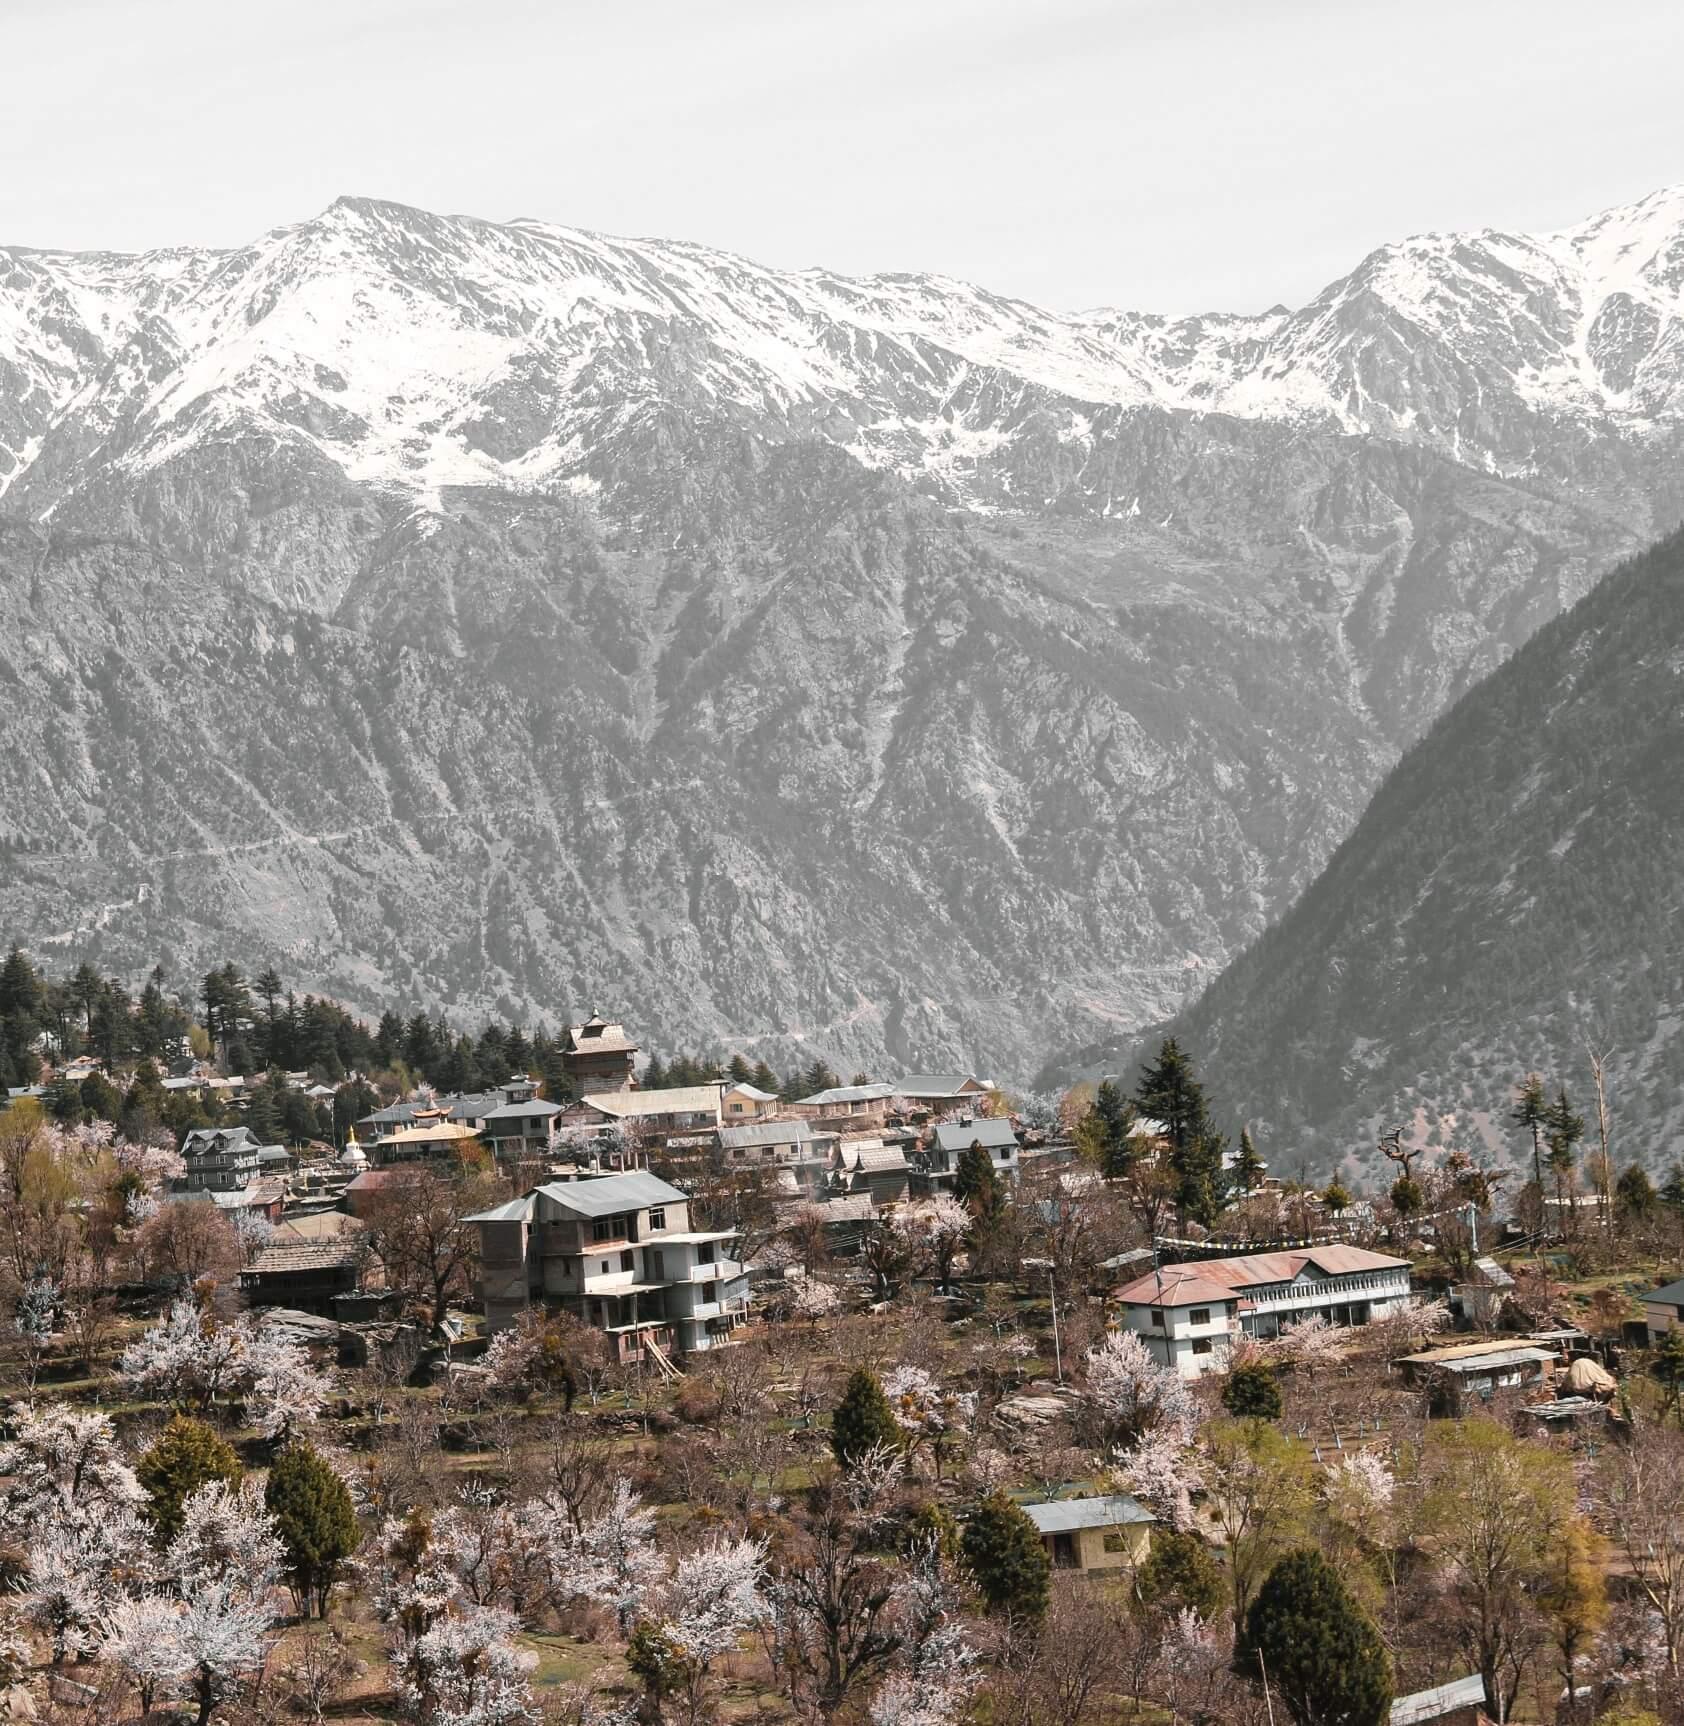 Kinnaur Valley muntains as seen from Kalpa Roghi road